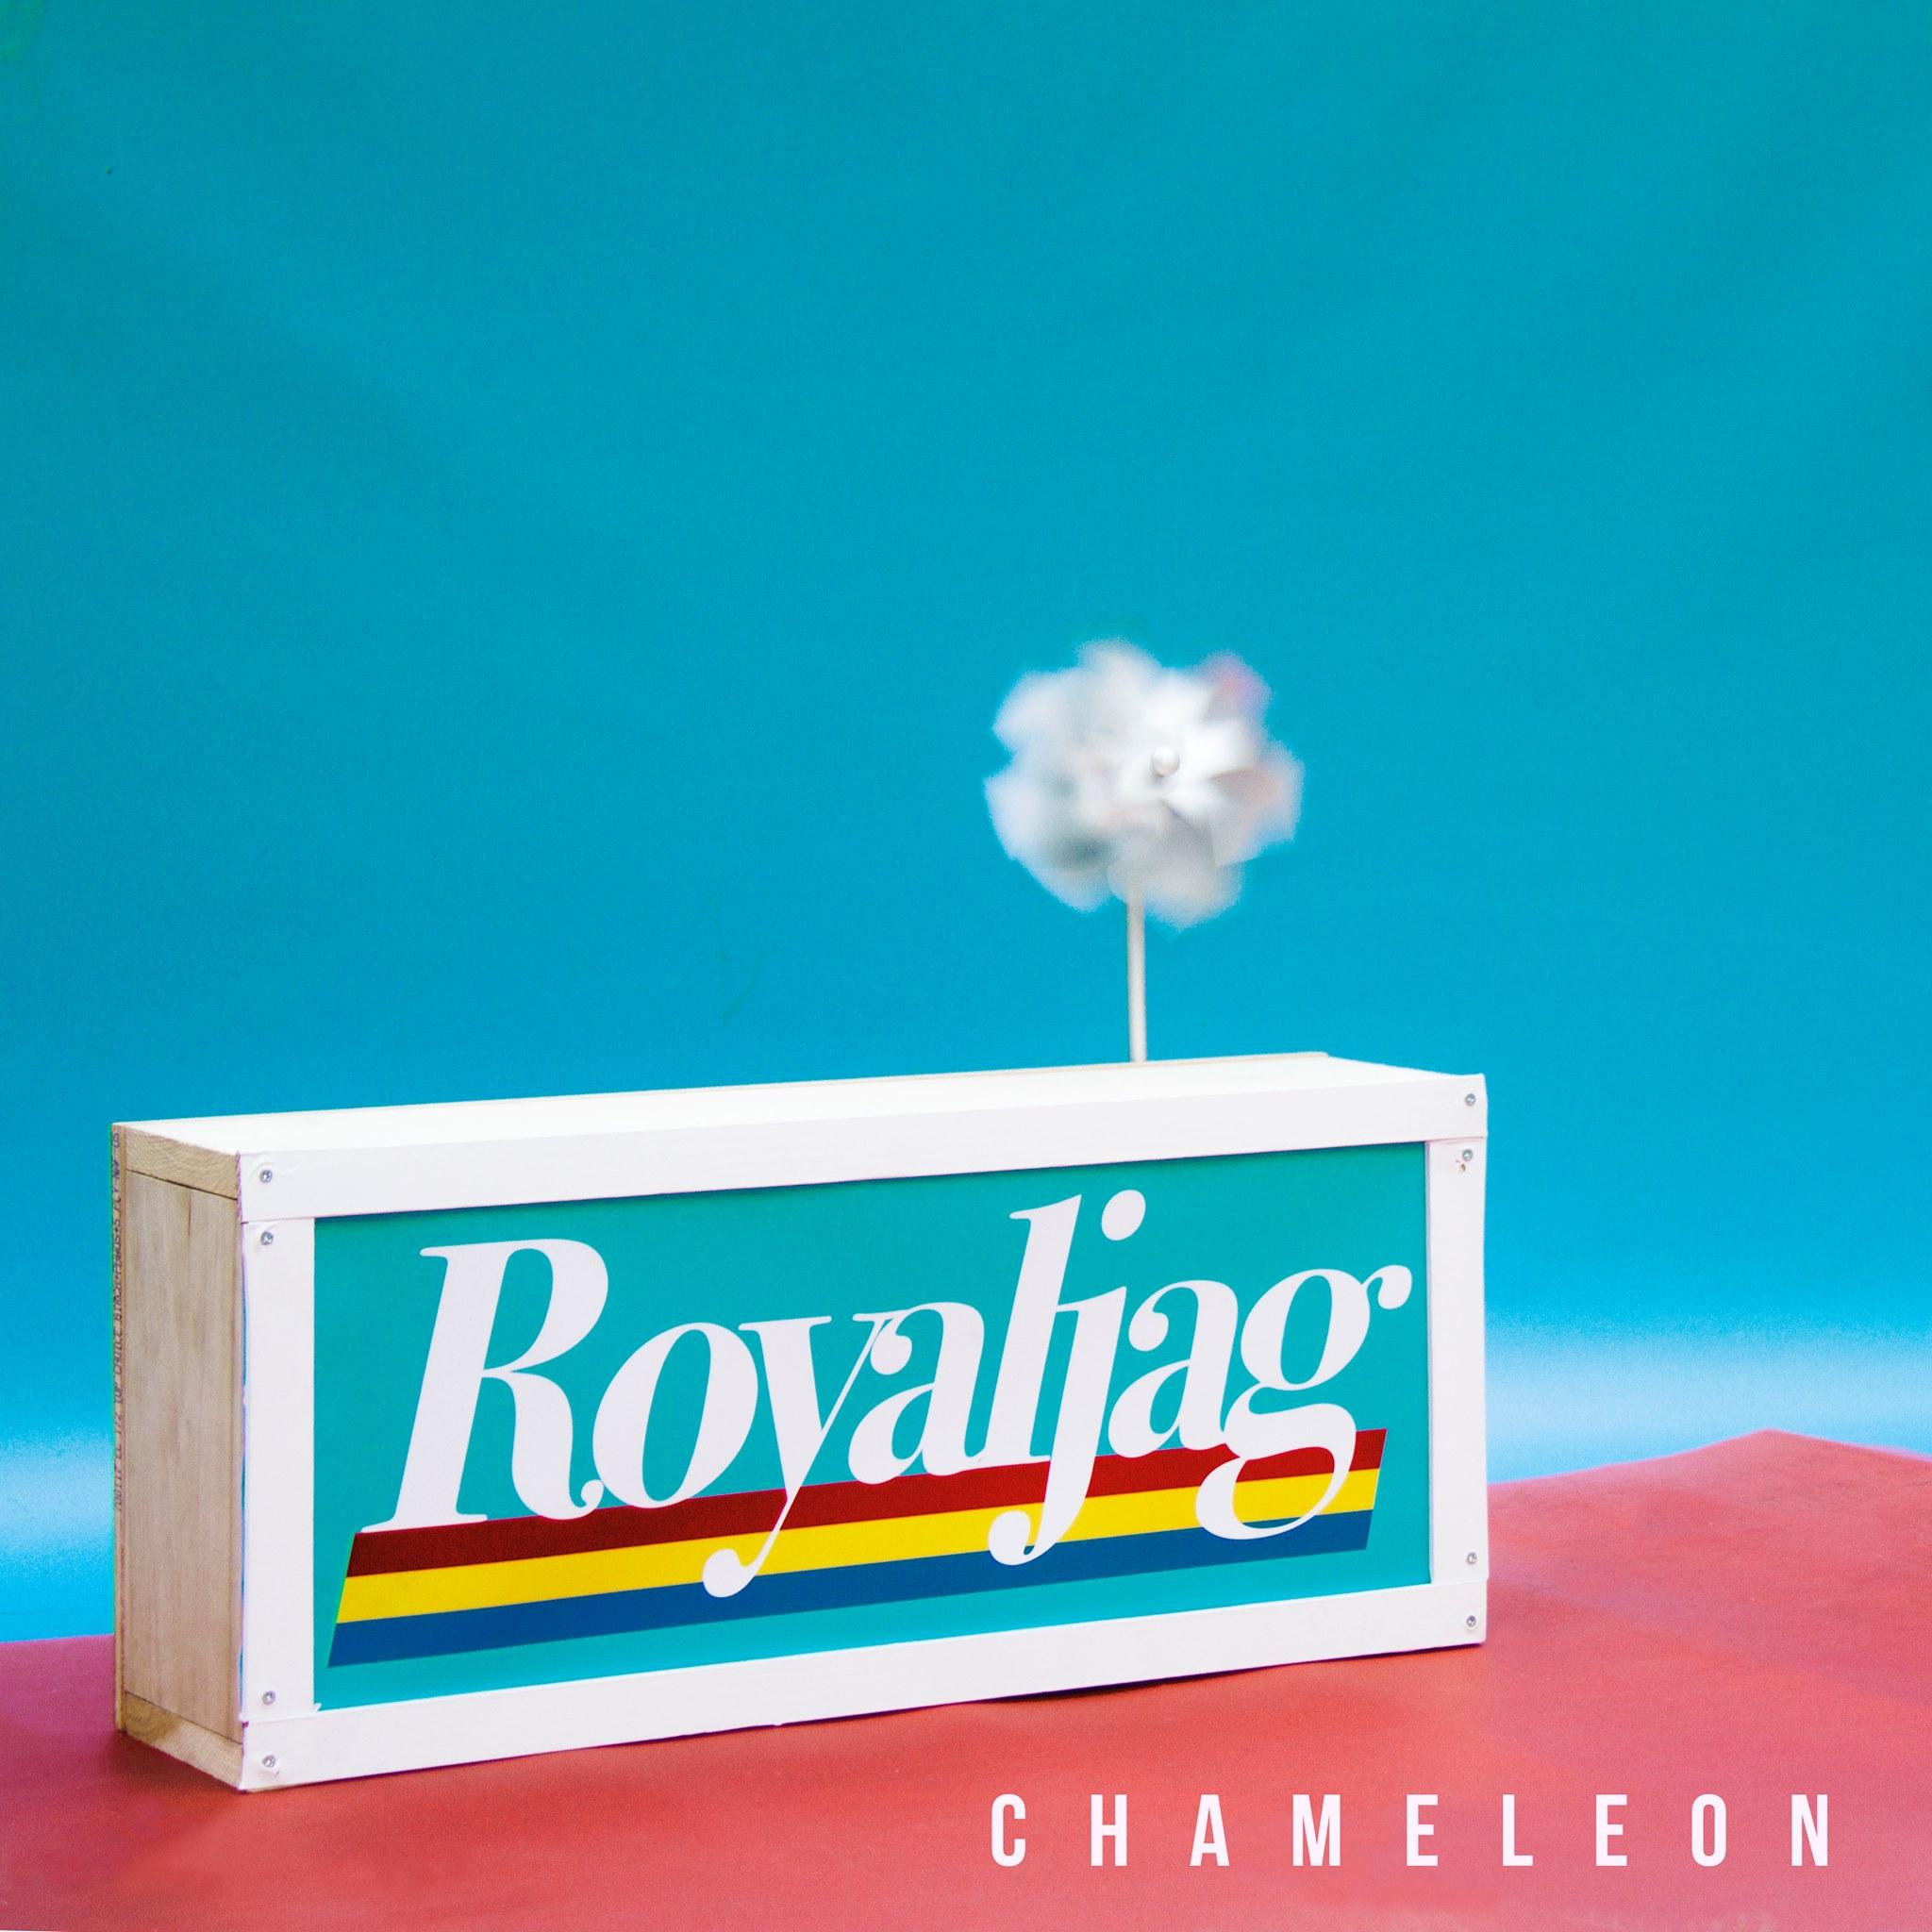 Chameleon - Royaljag